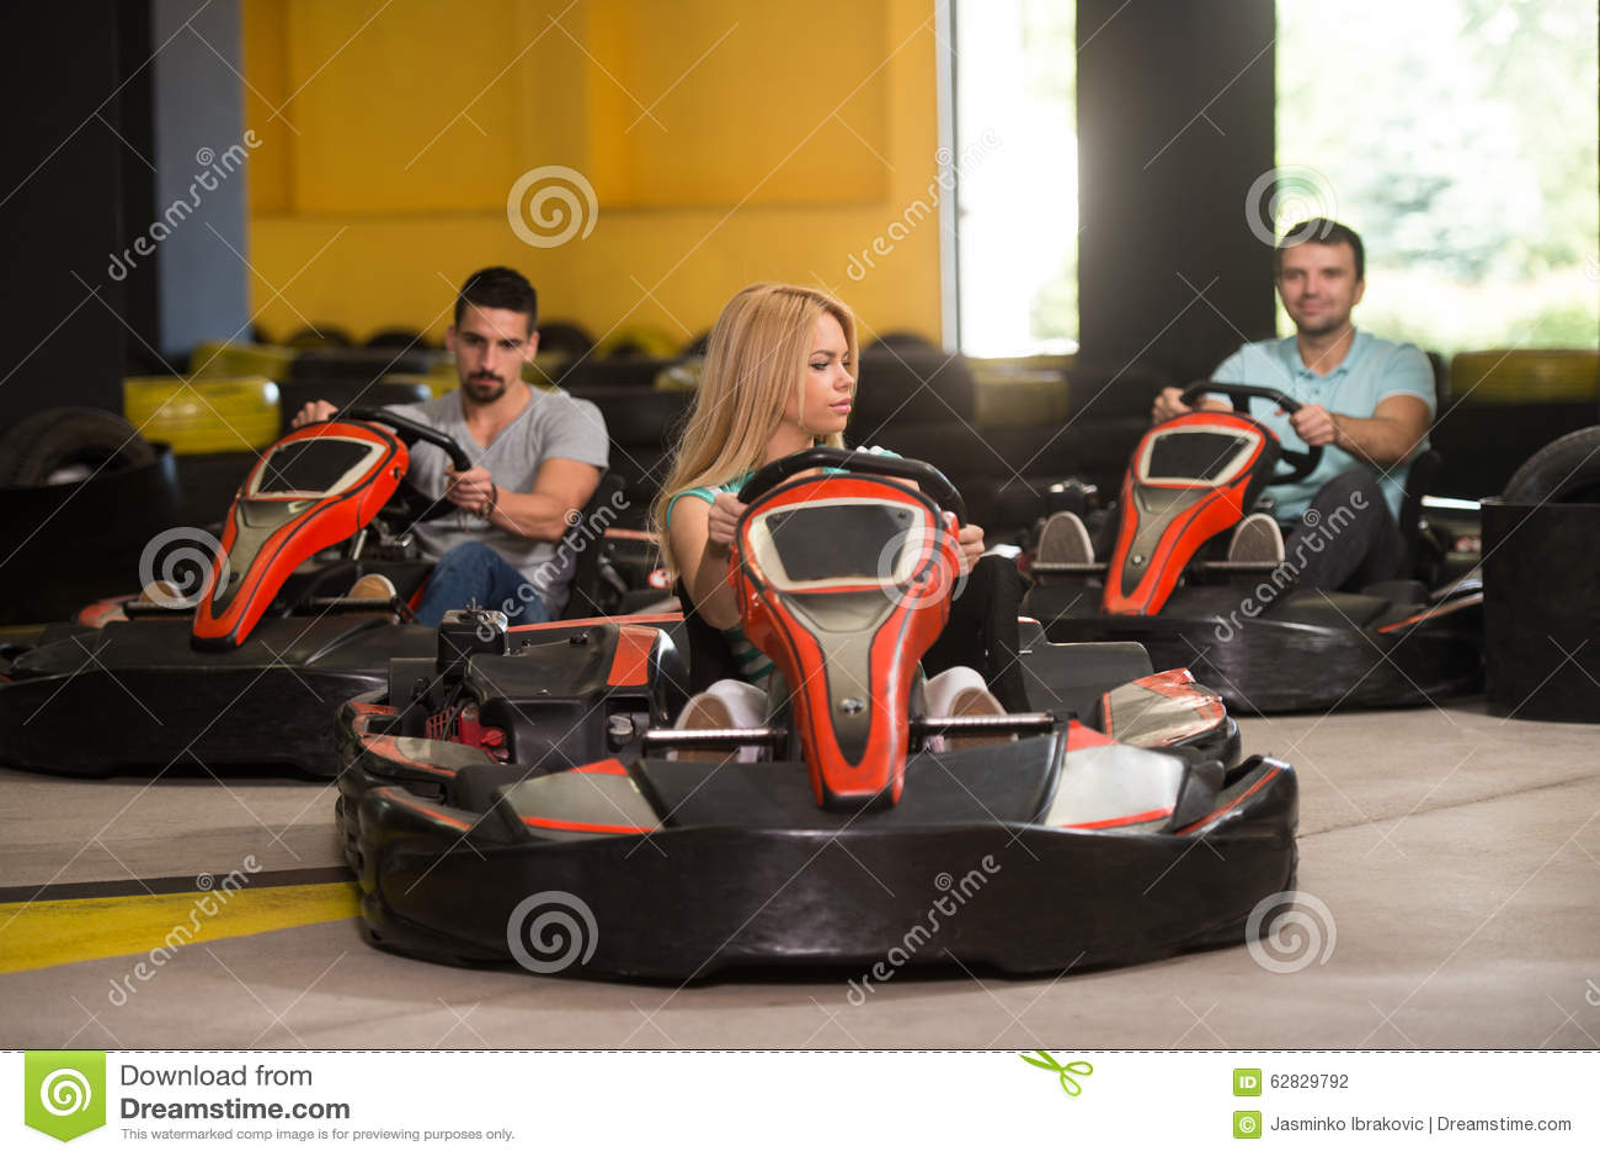 Groupe de personnes conduisant la course de Karting de kart